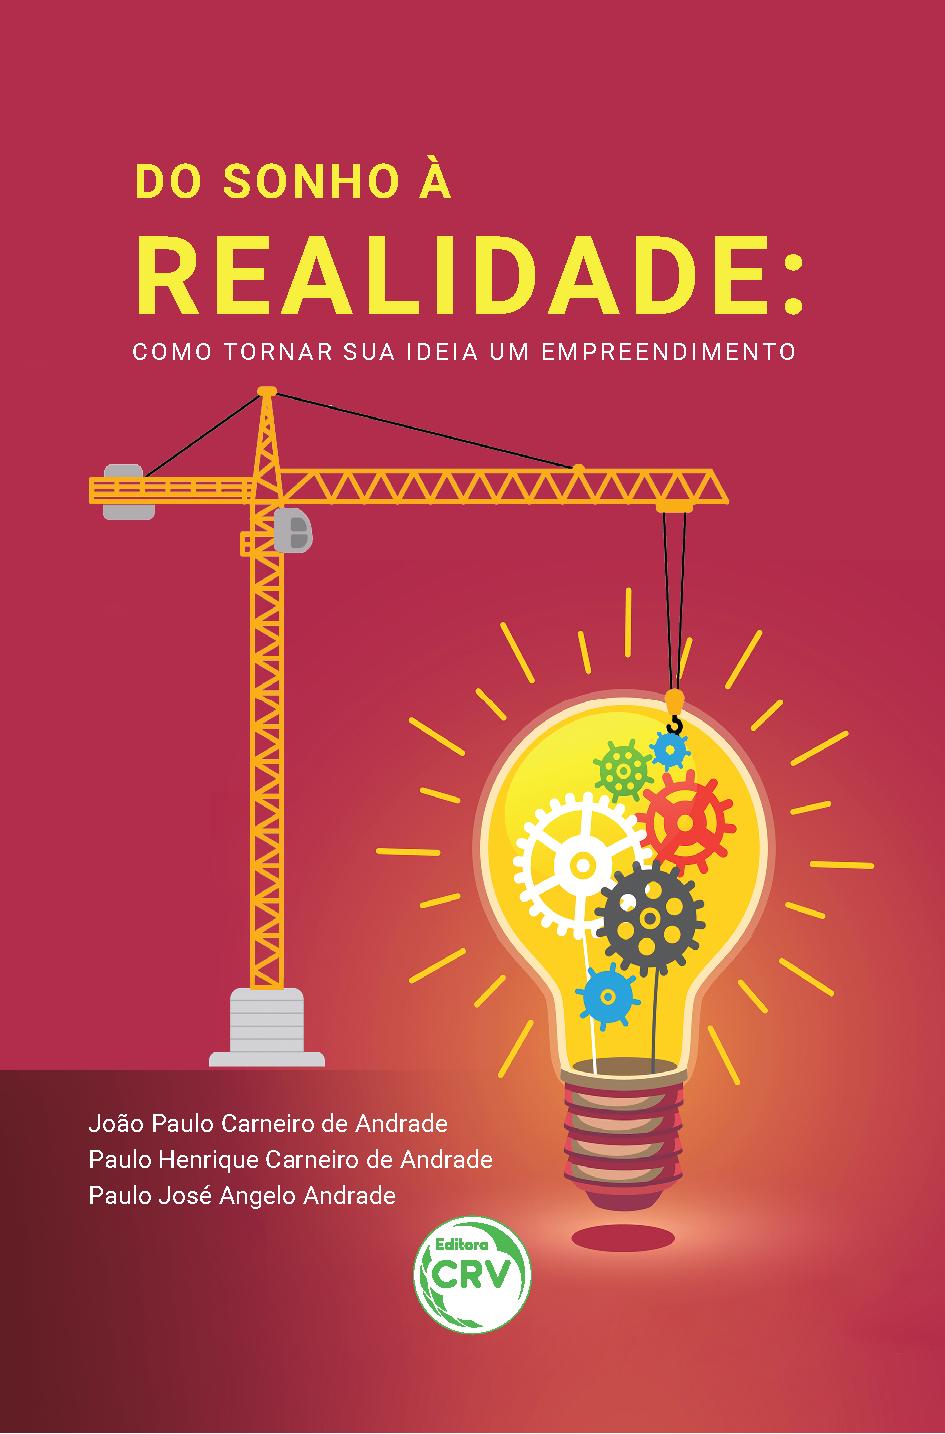 Capa do livro: DO SONHO À REALIDADE: <br>como tornar sua ideia um empreendimento